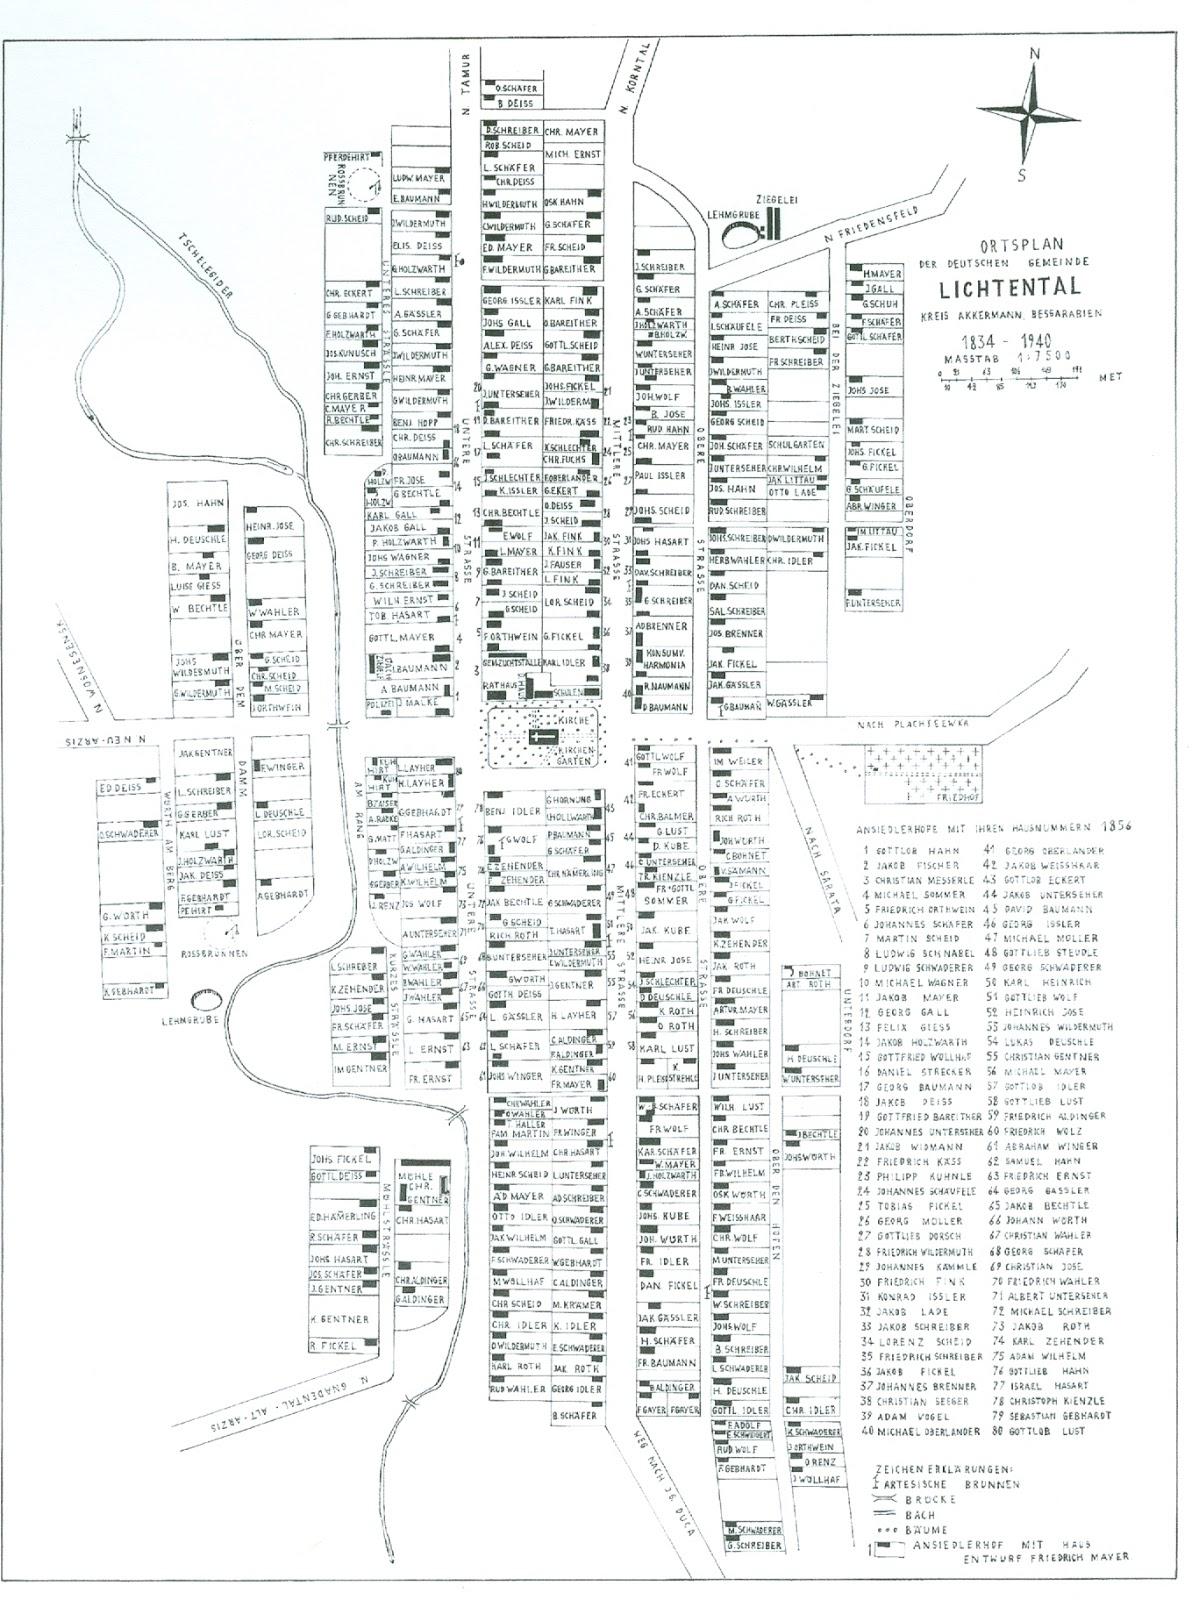 Germans from Russia Settlement Locations: Lichtental, Akkerman